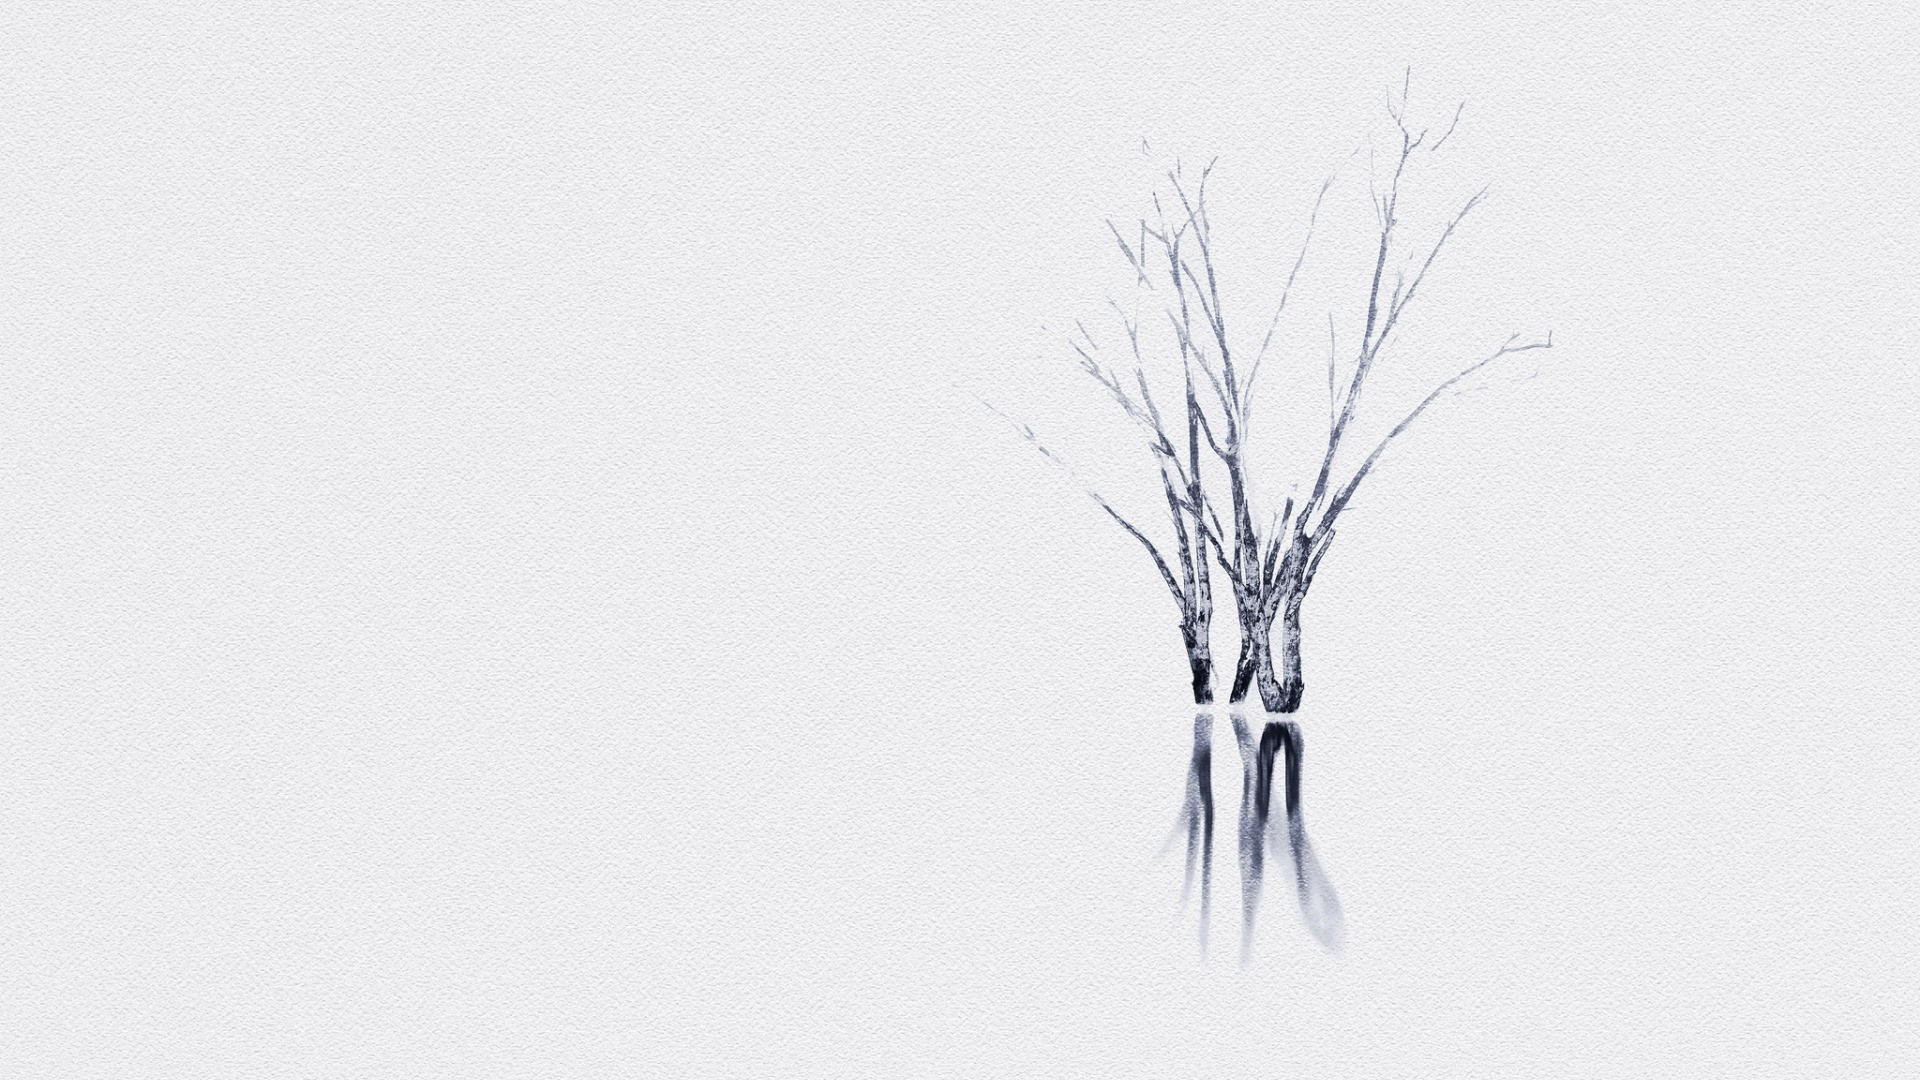 Tree Minimalist Wallpaper Picture hd